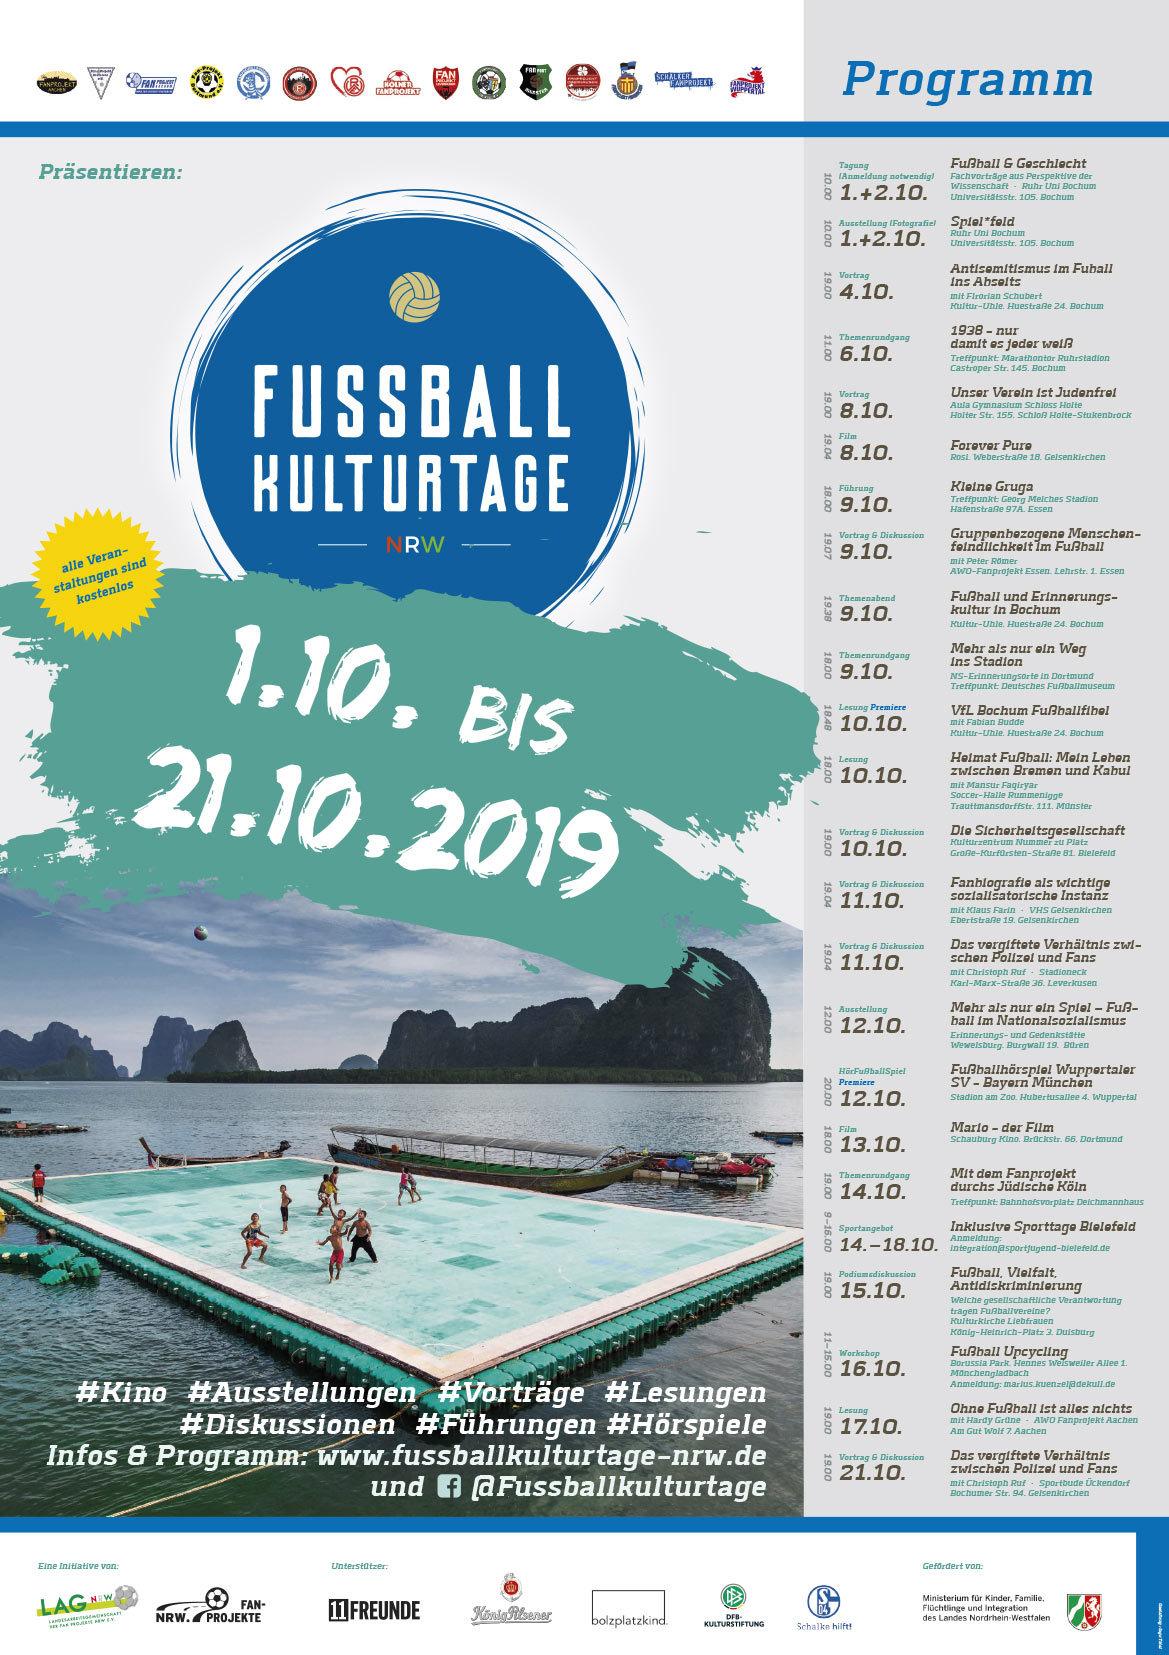 Das Programm der Fussballkulturtage 2019